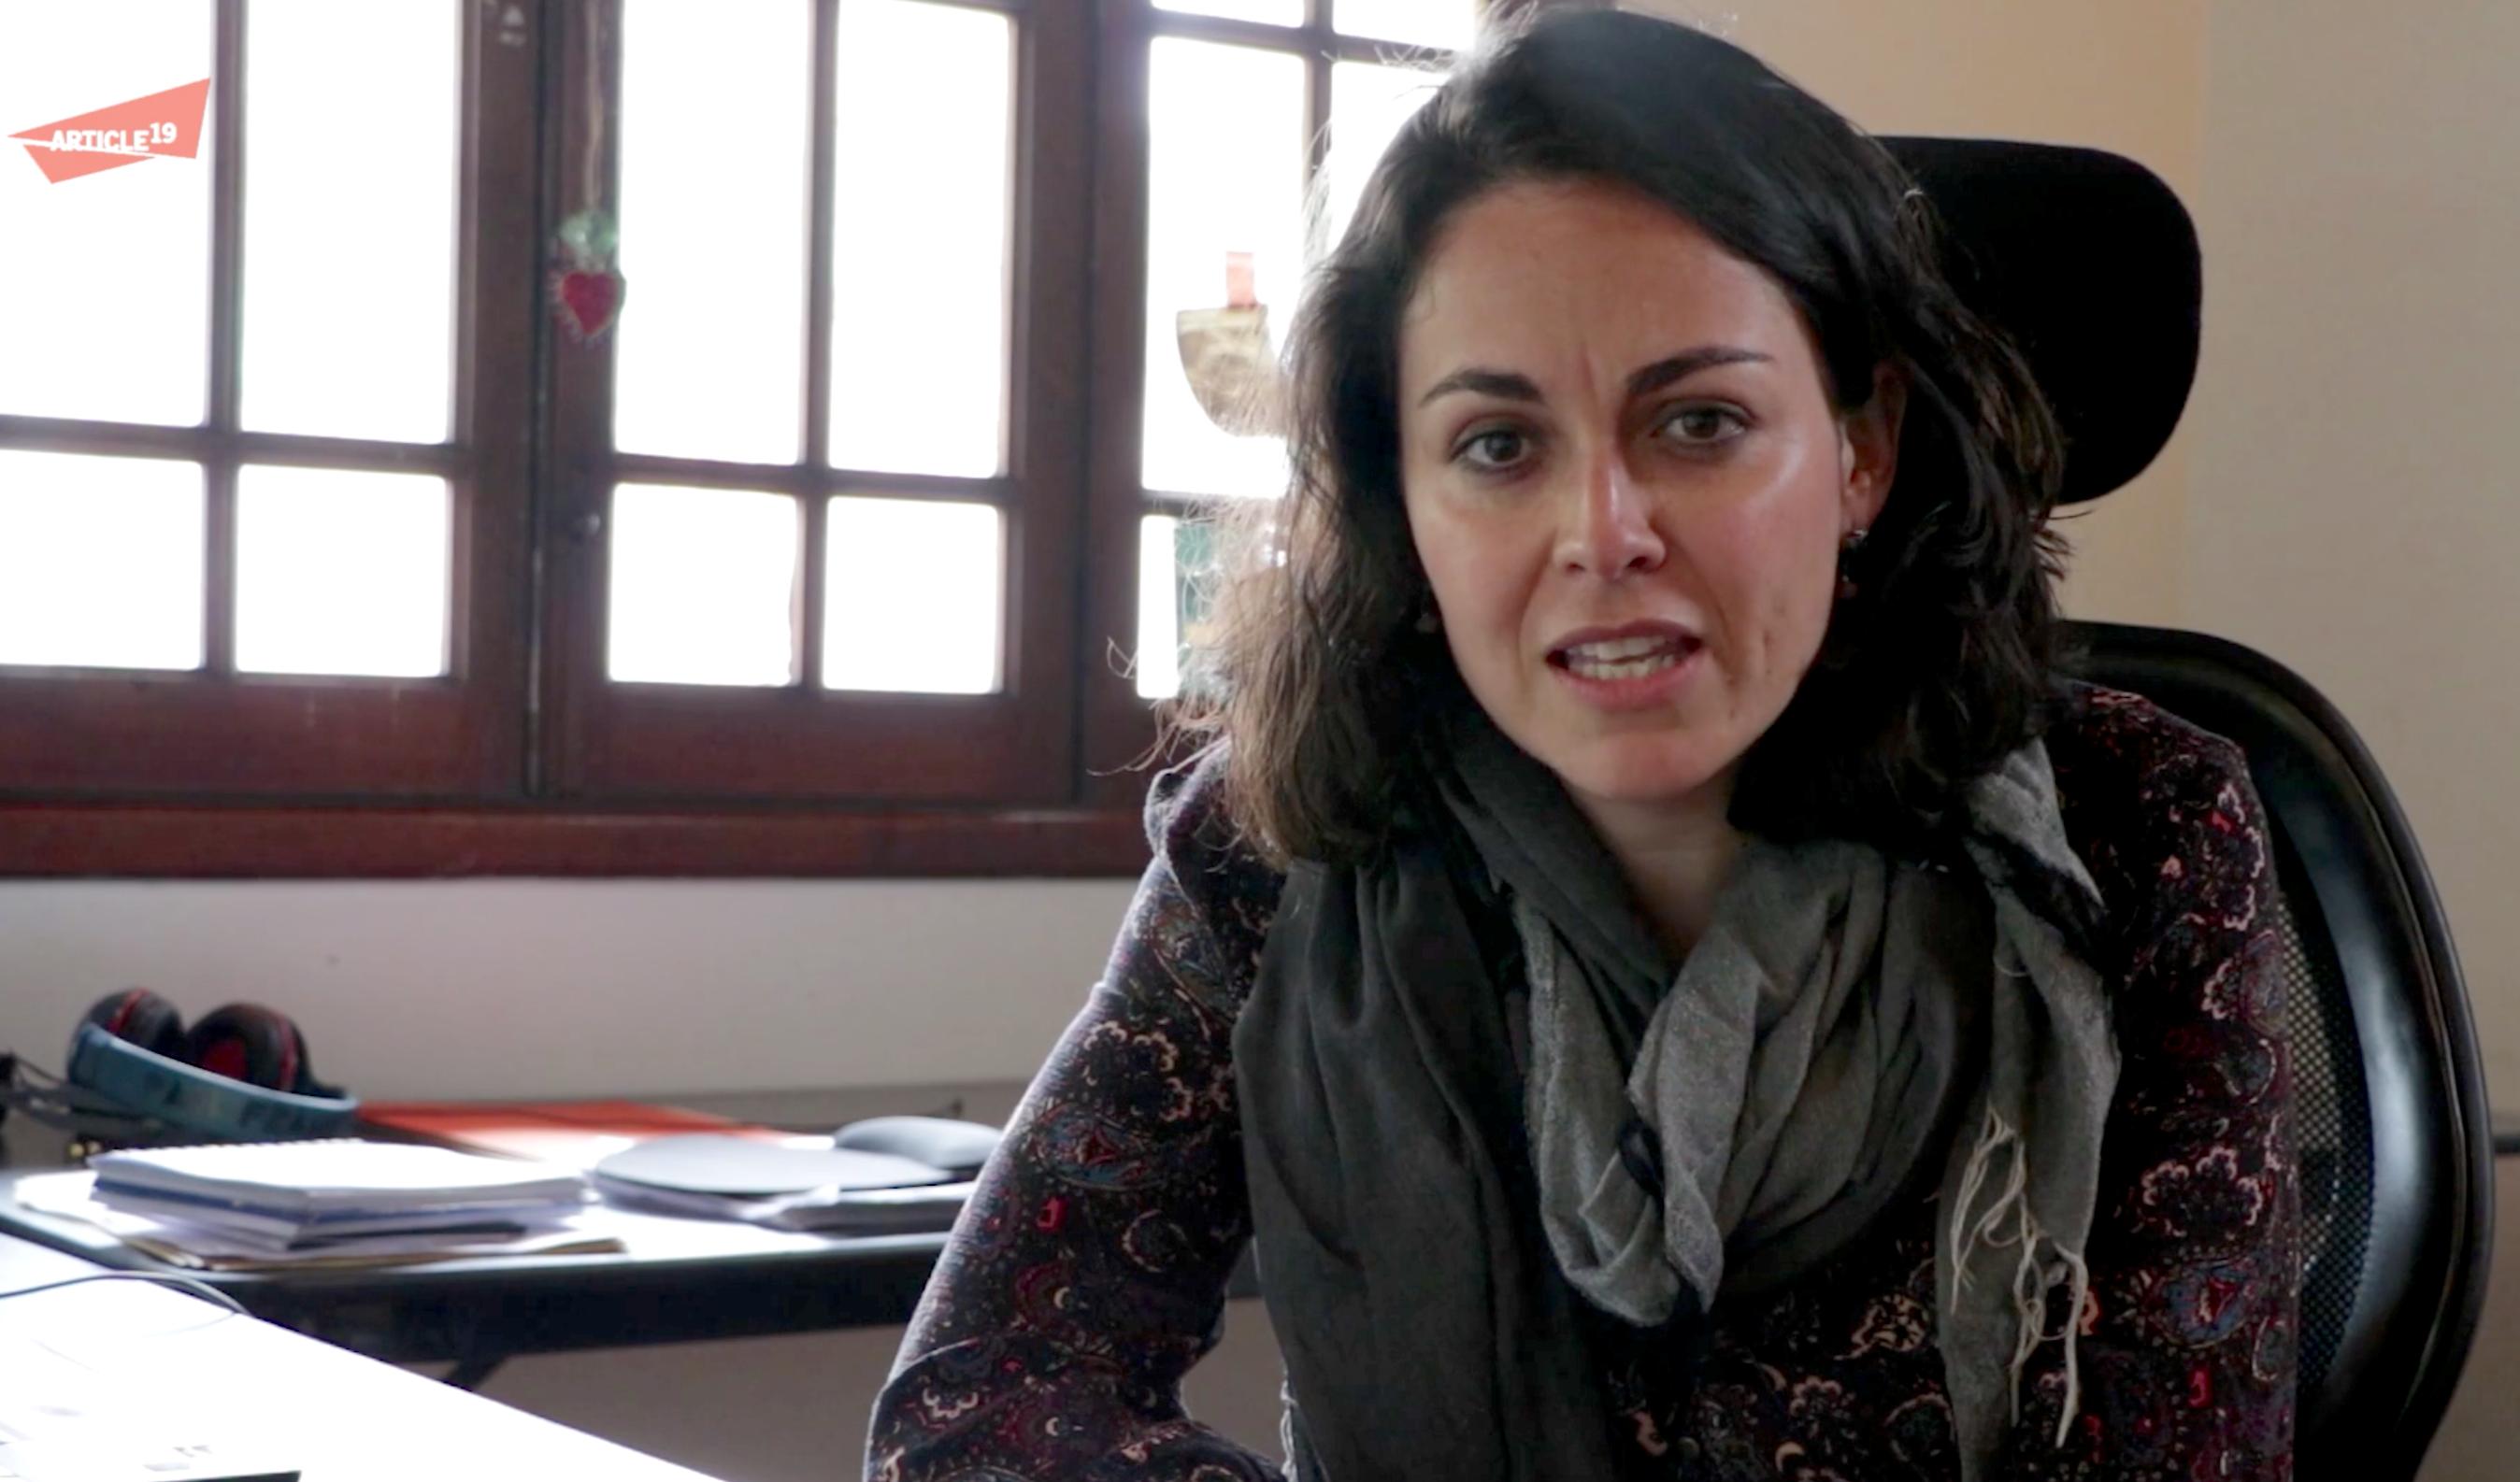 México: En una democracia, no es posible que desaparezcan 43 estudiantes y todo siga igual